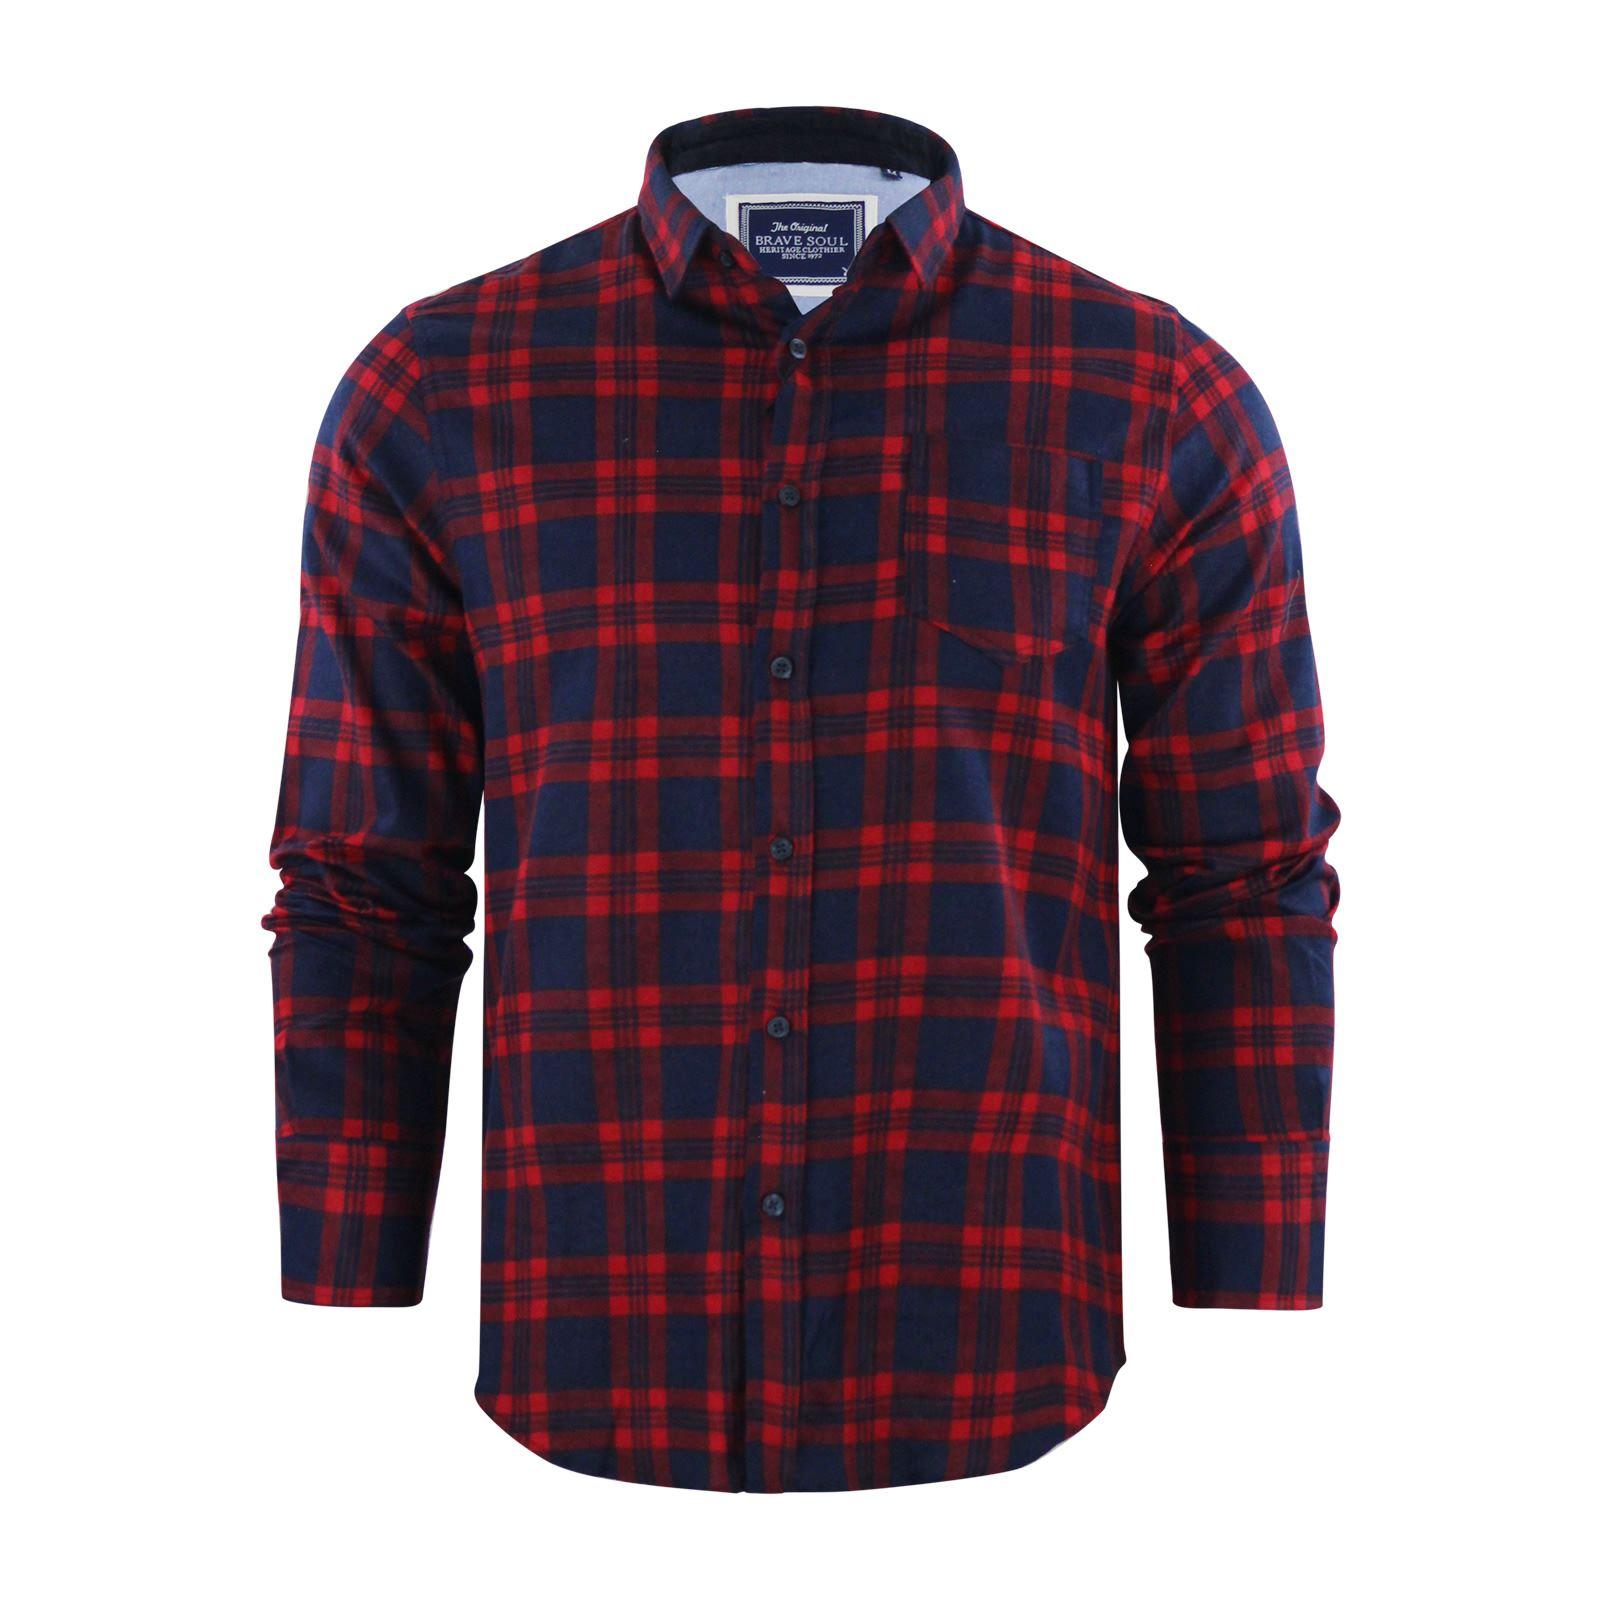 Alma-VALIENTE-HOMBRE-compruebe-Camisa-Algodon-Cepillado-De-Franela-Top-Manga-Larga-Casual miniatura 75